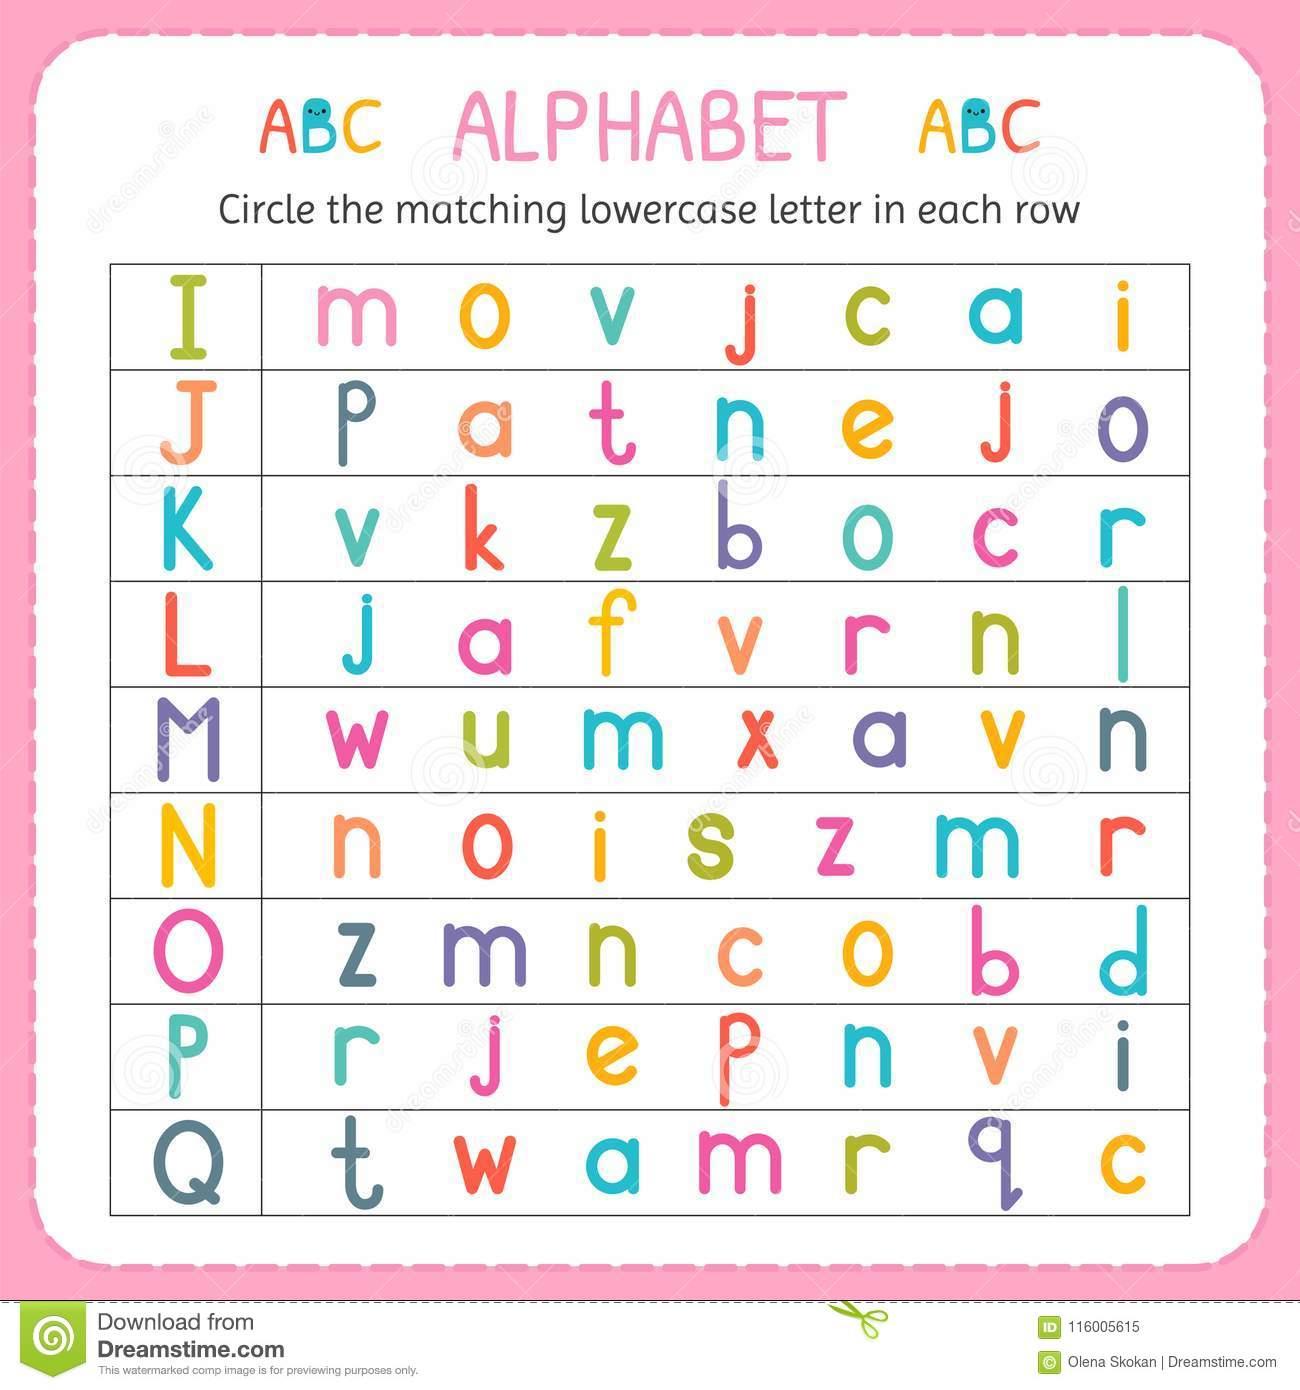 Letter Q Worksheets For Kindergarten | Printable Worksheets within Alphabet Worksheets Vk